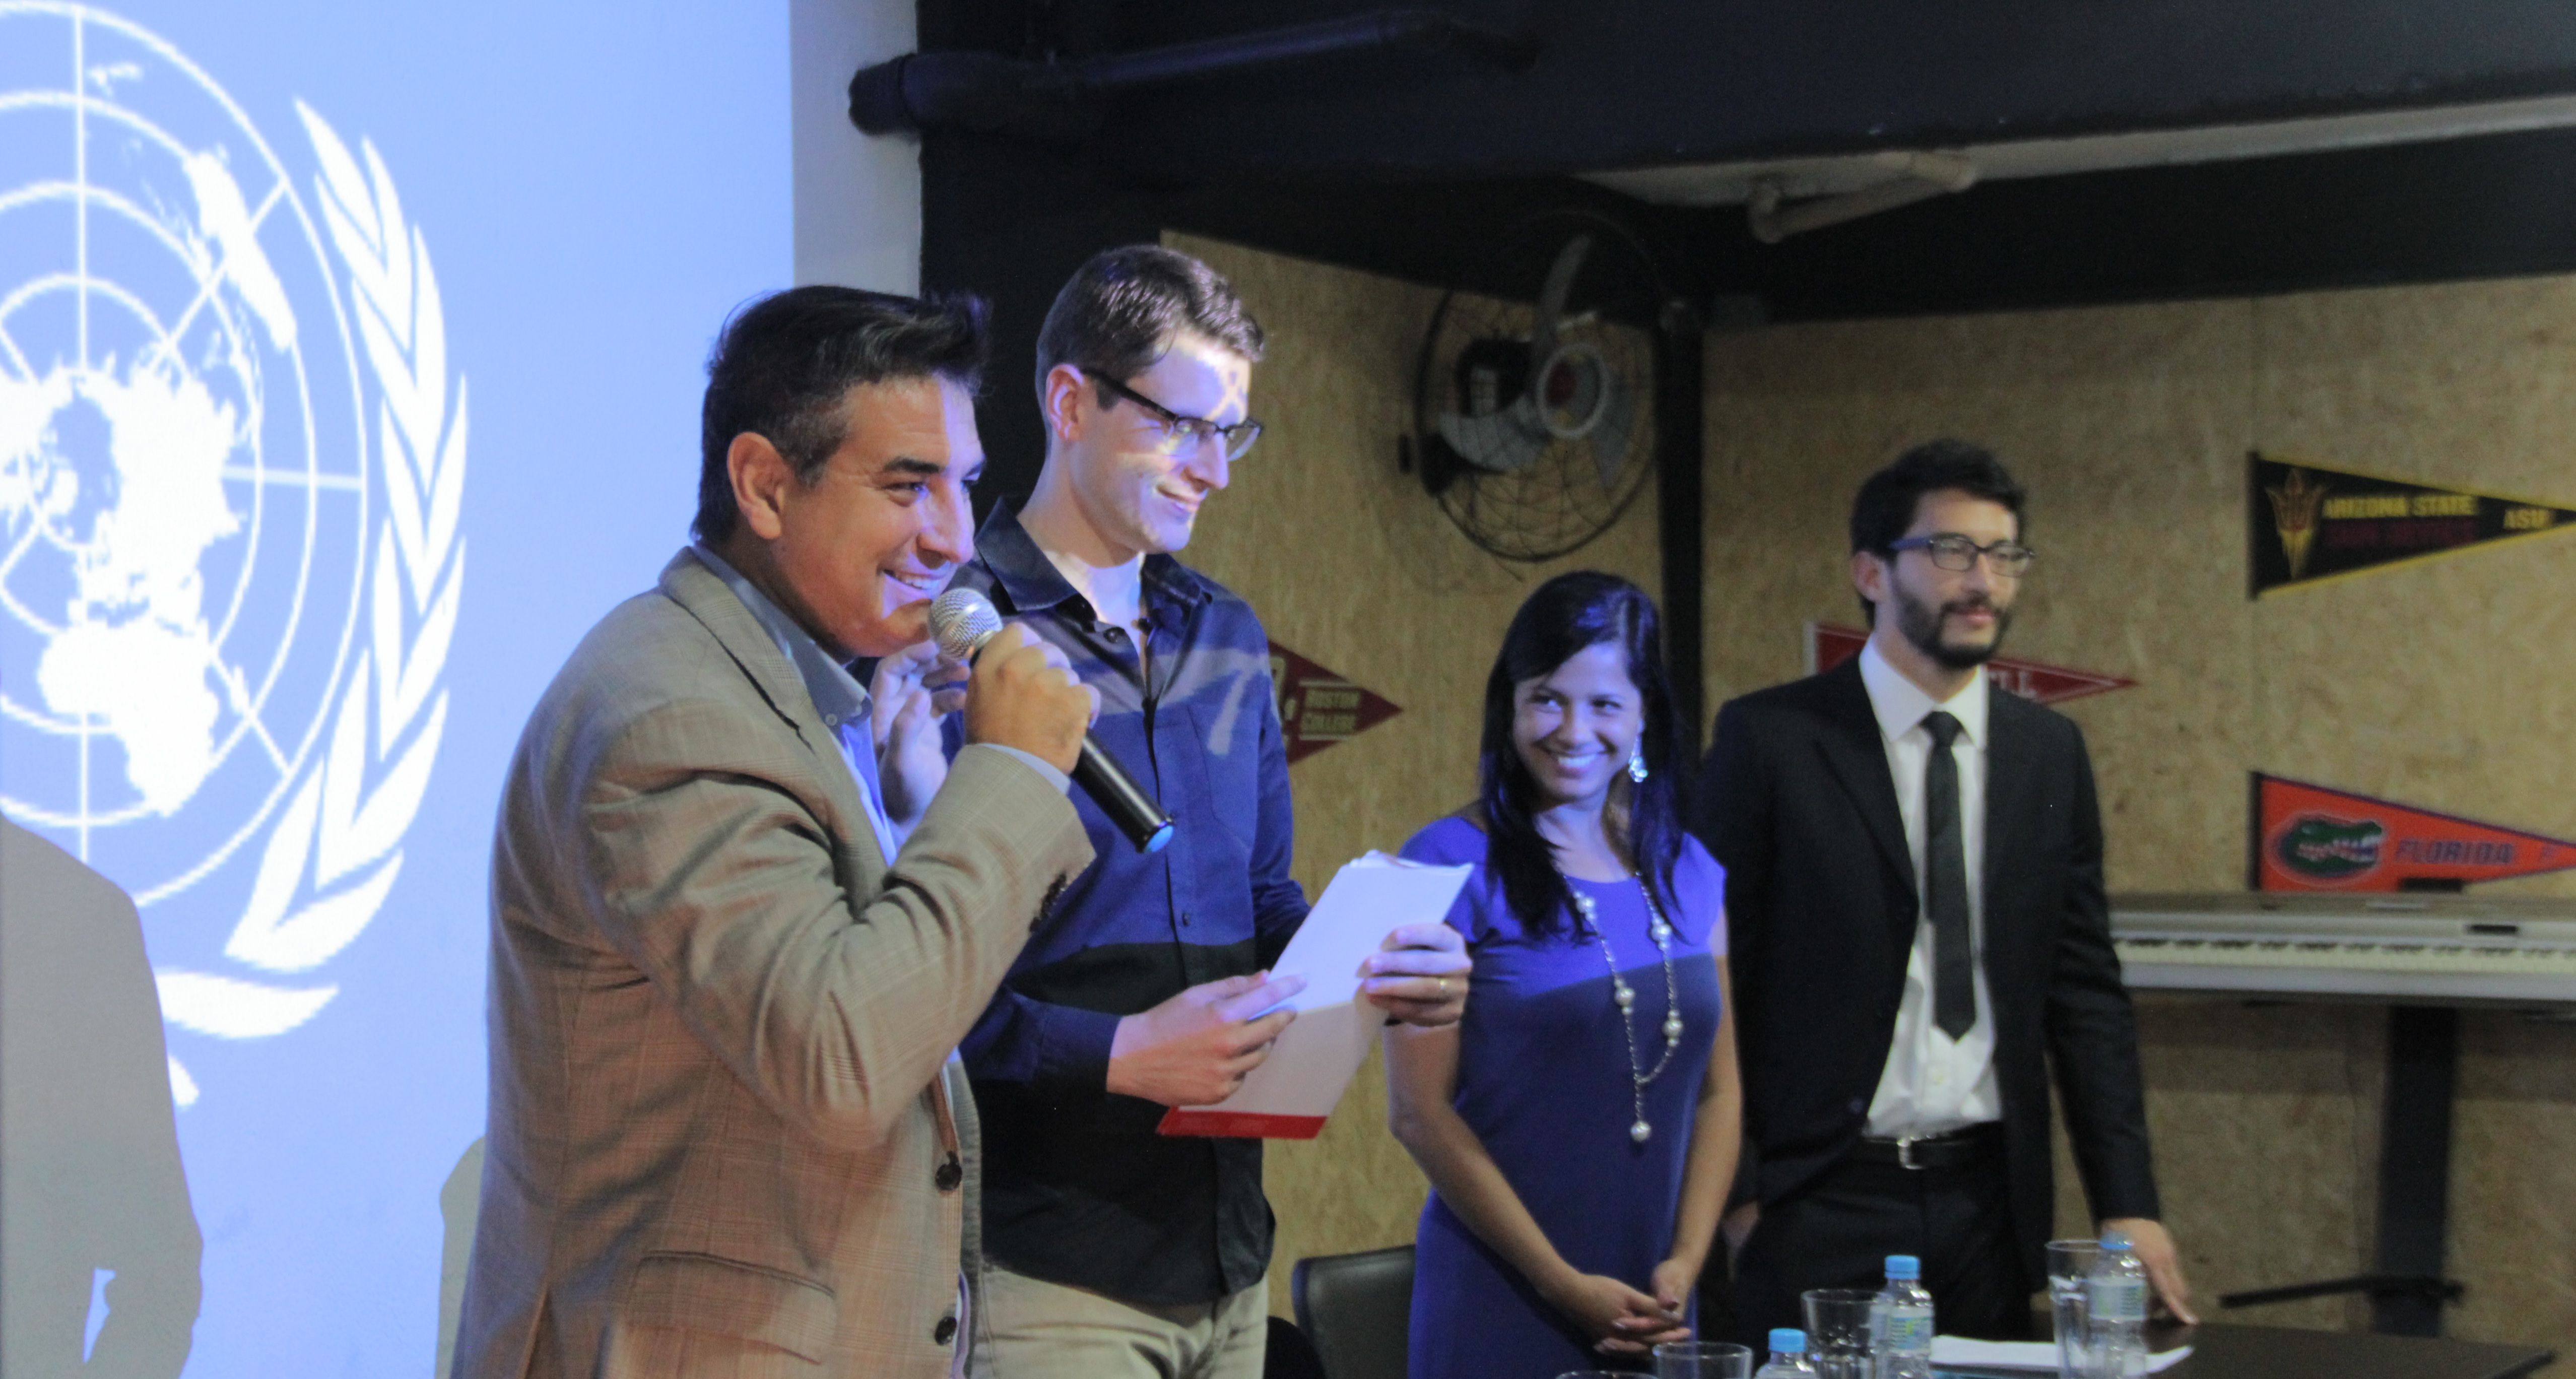 O empresário Gabriel Frozi entrega o relatório dos alunos ao consultor internacional do Instituto Latino Americano da ONU, Marcelo Hodge Crivella